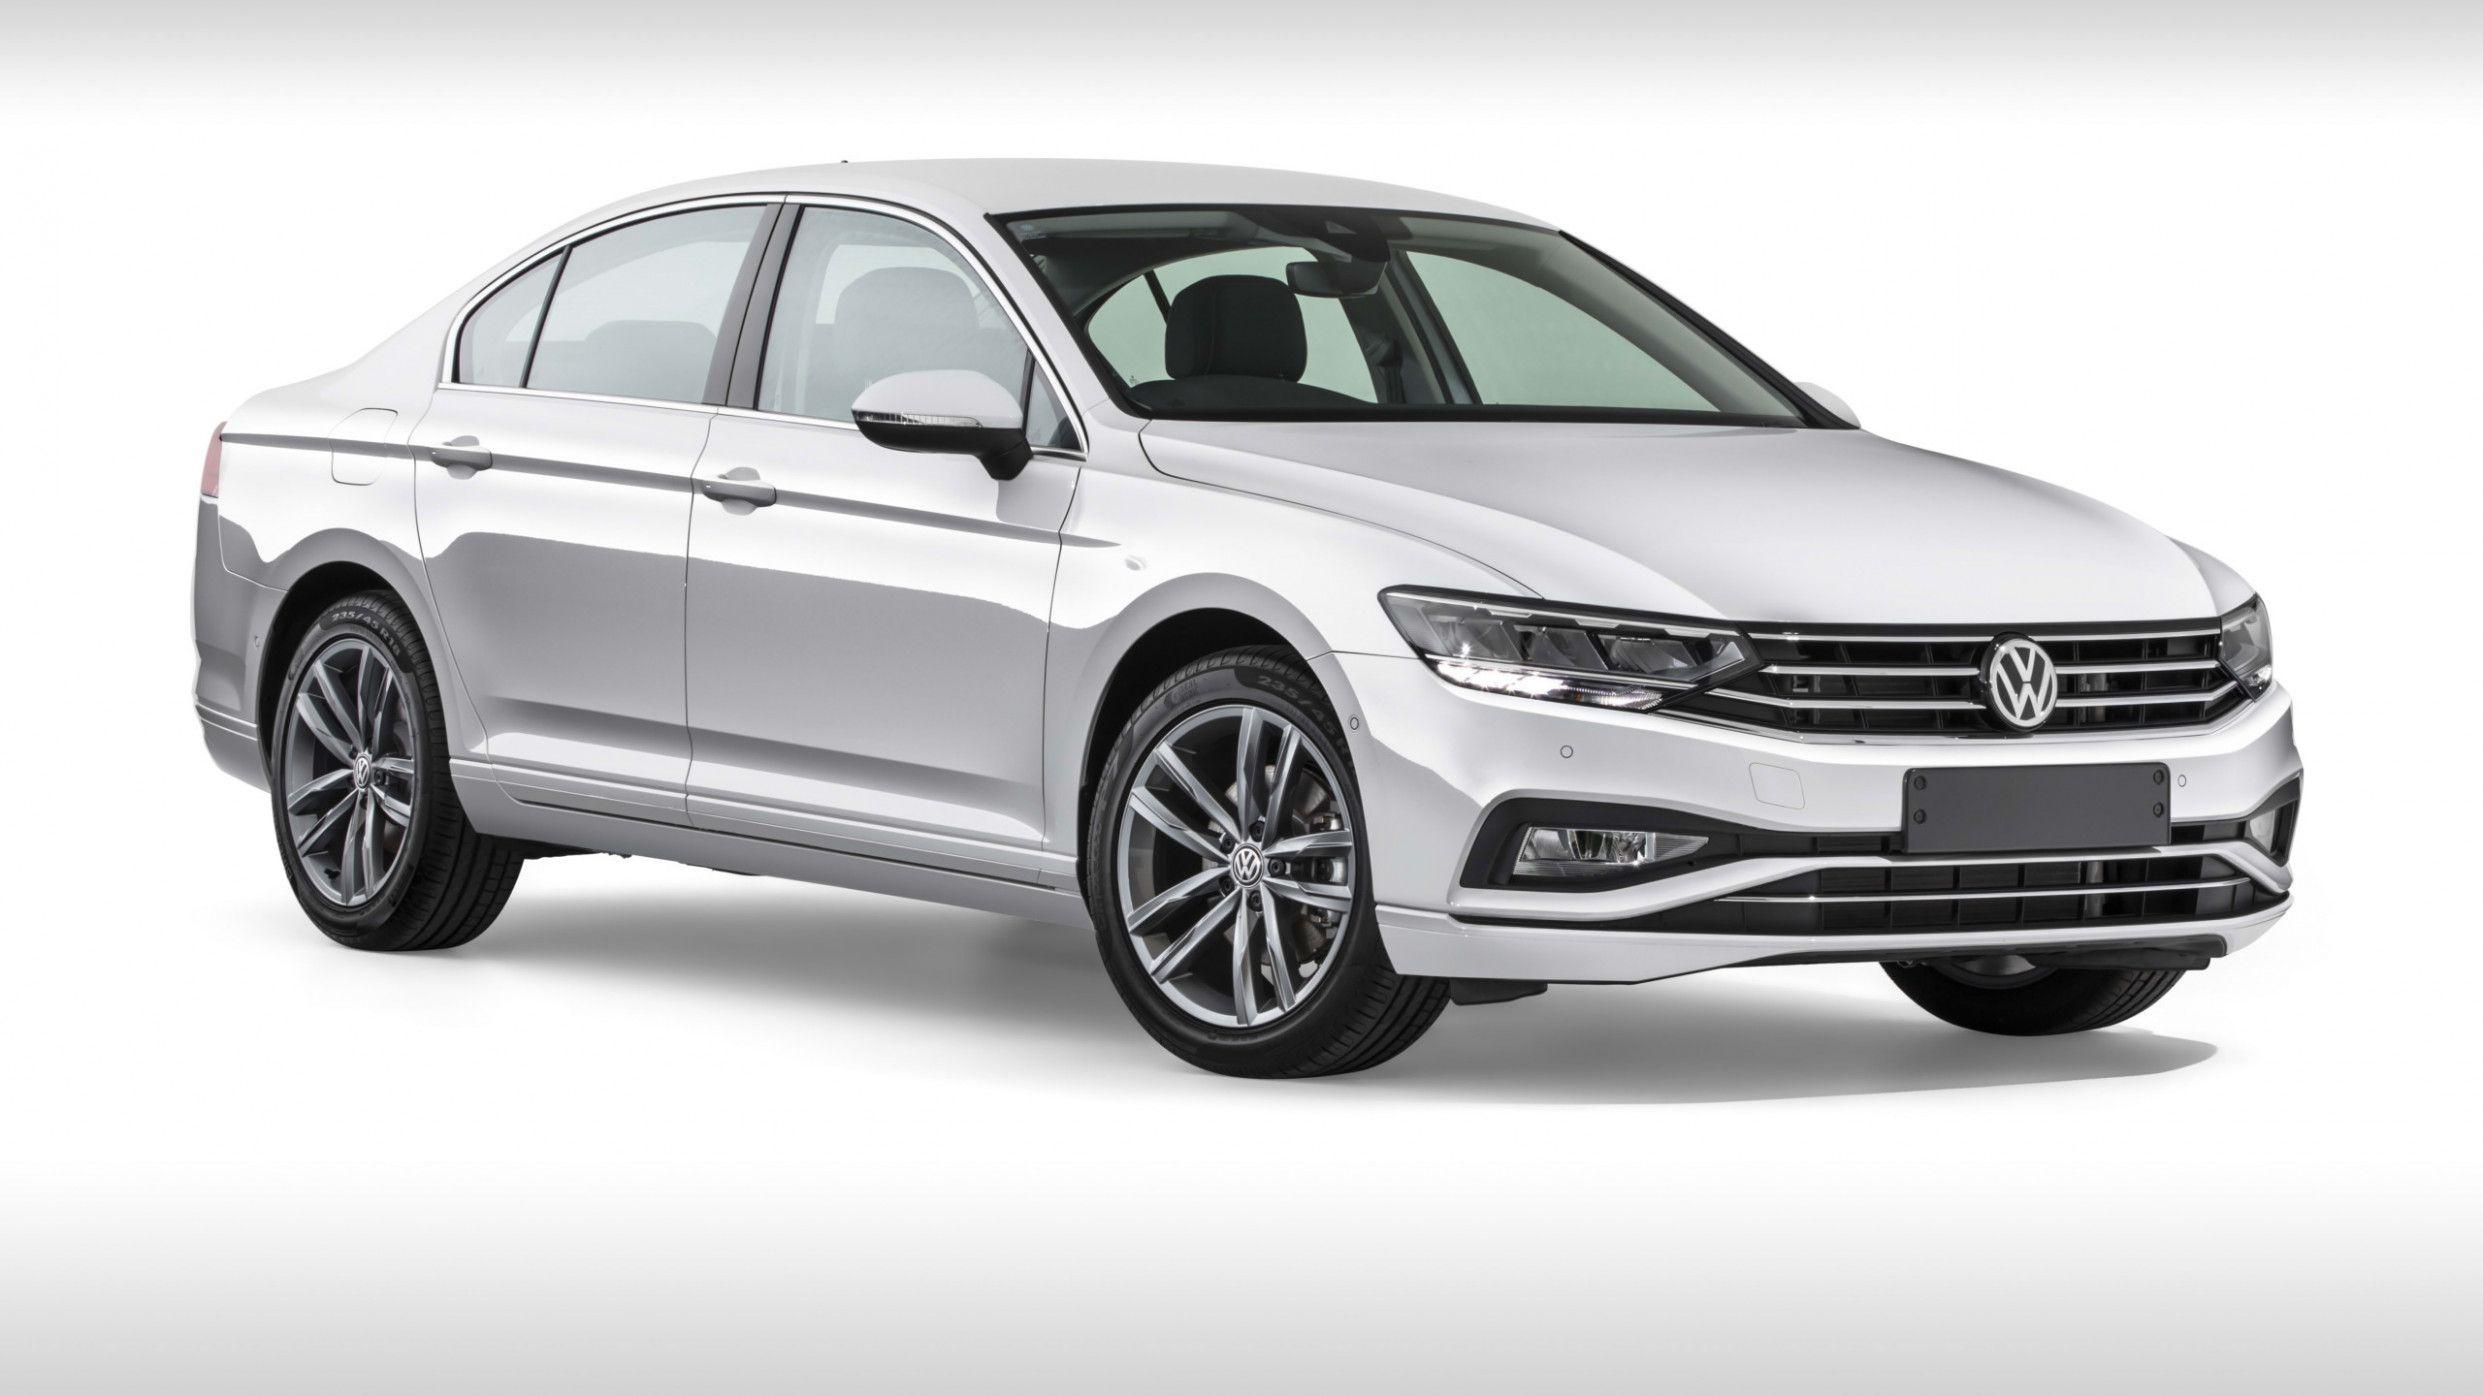 2021 Vw Cc Reviews In 2020 Vw Cc Volkswagen Volkswagen Passat